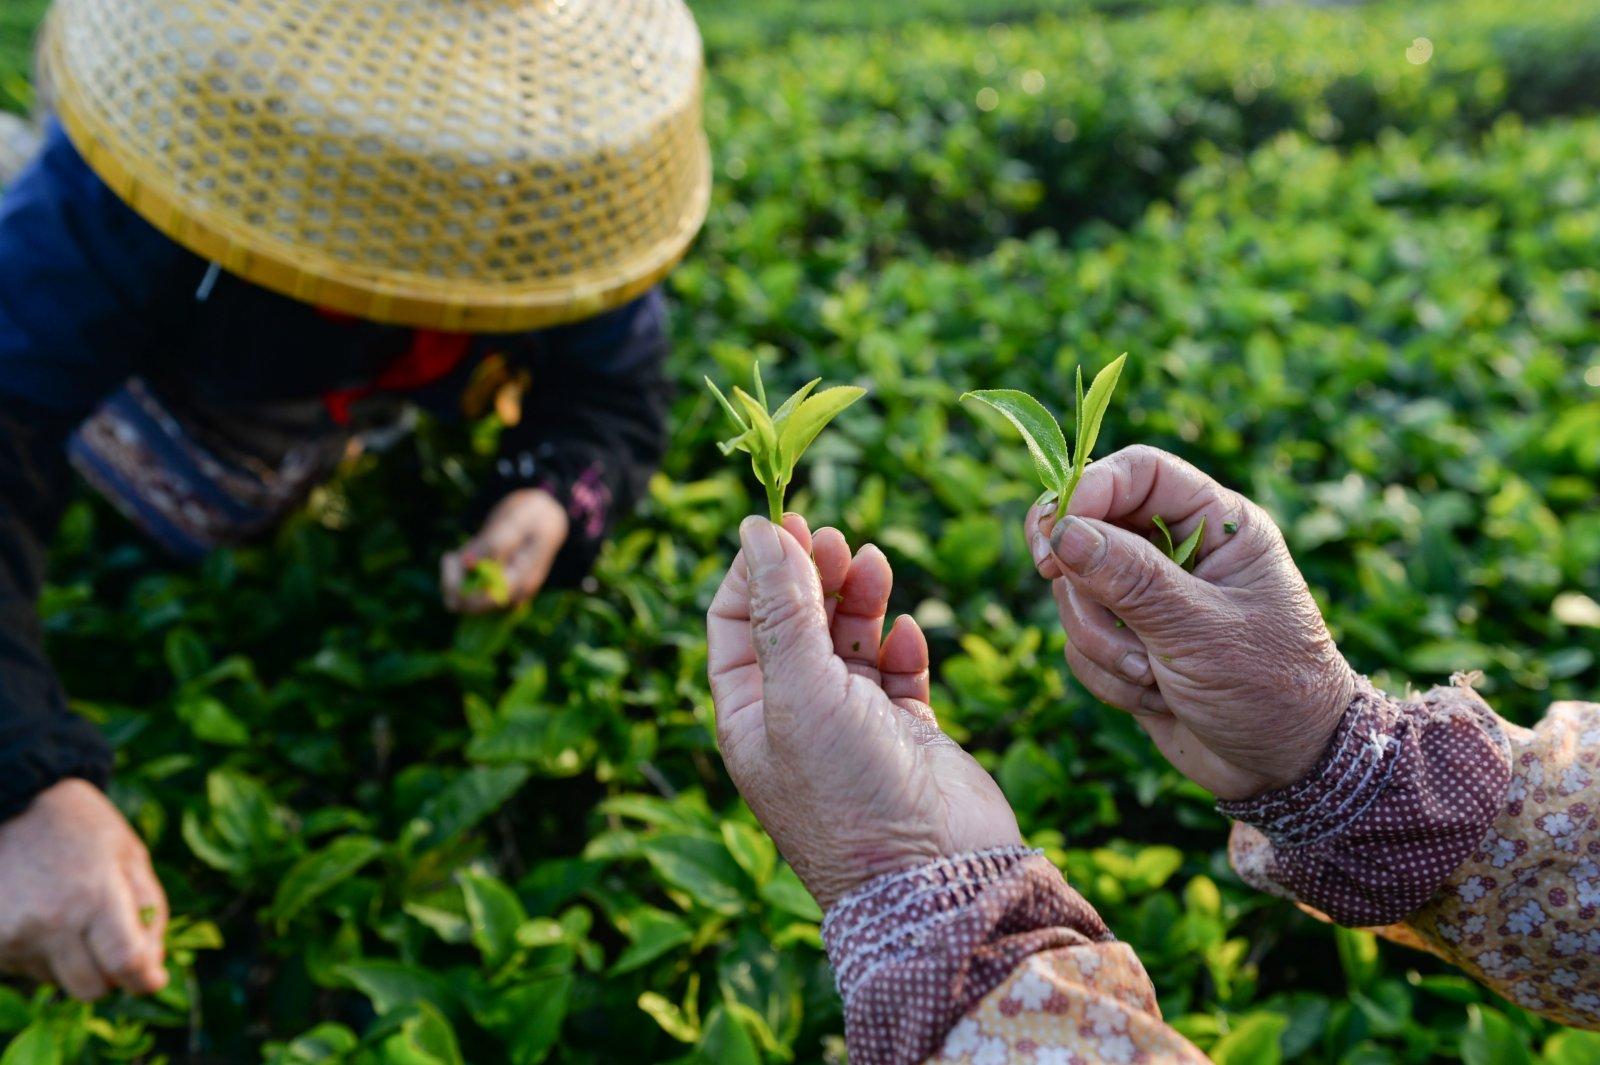 在海南省白沙黎族自治縣五里路茶葉專業合作社的有機茶園,茶農展示採摘的茶葉。